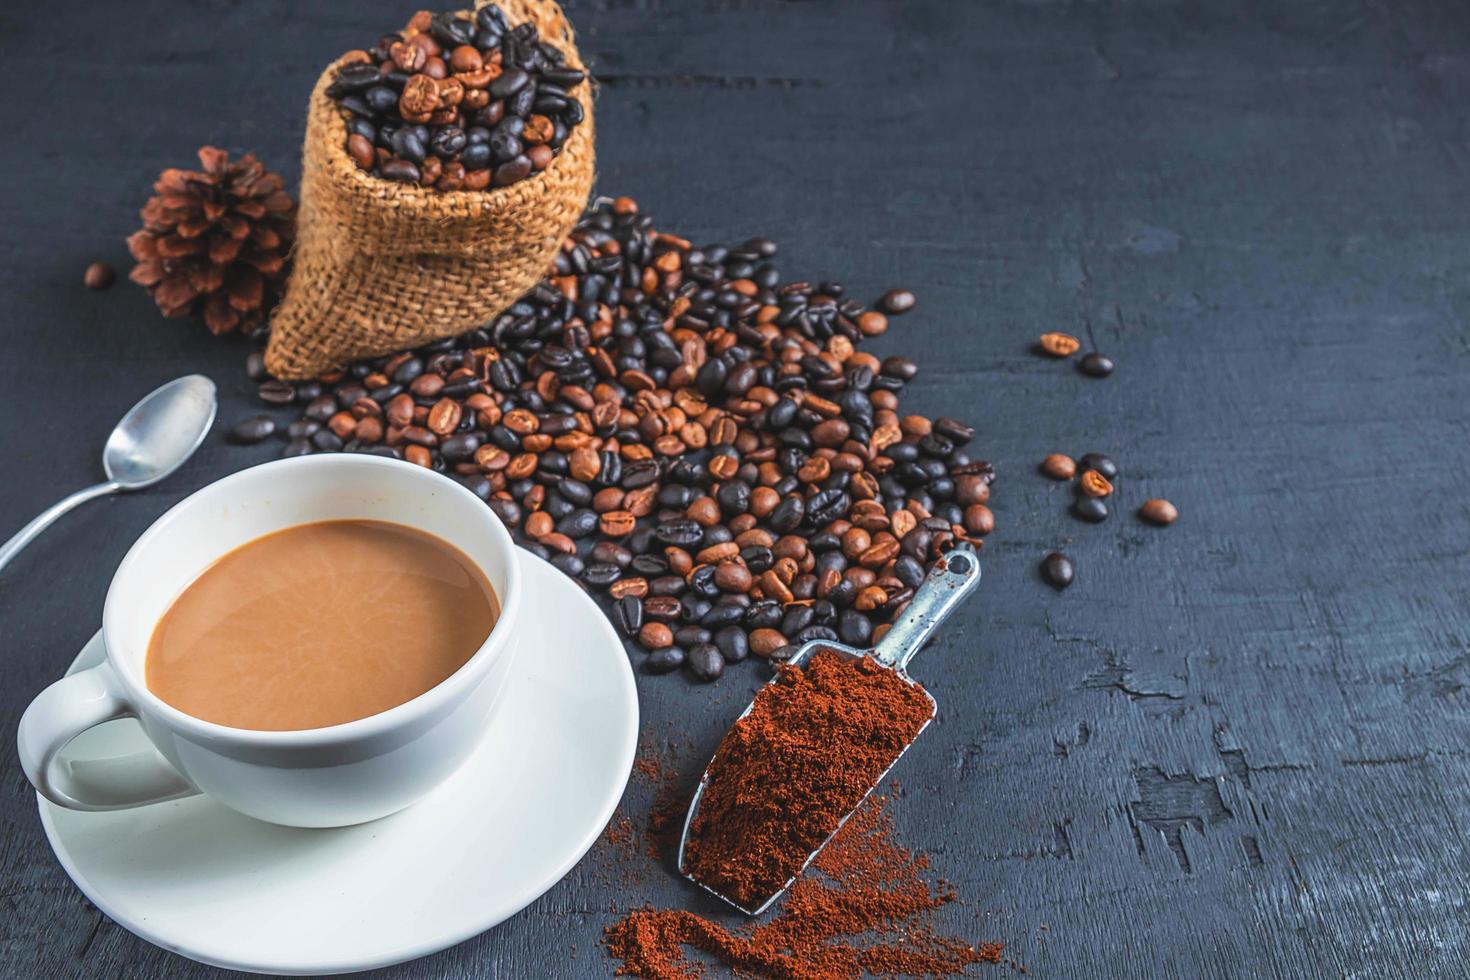 kopp kaffe med kaffebönor i en påse foto